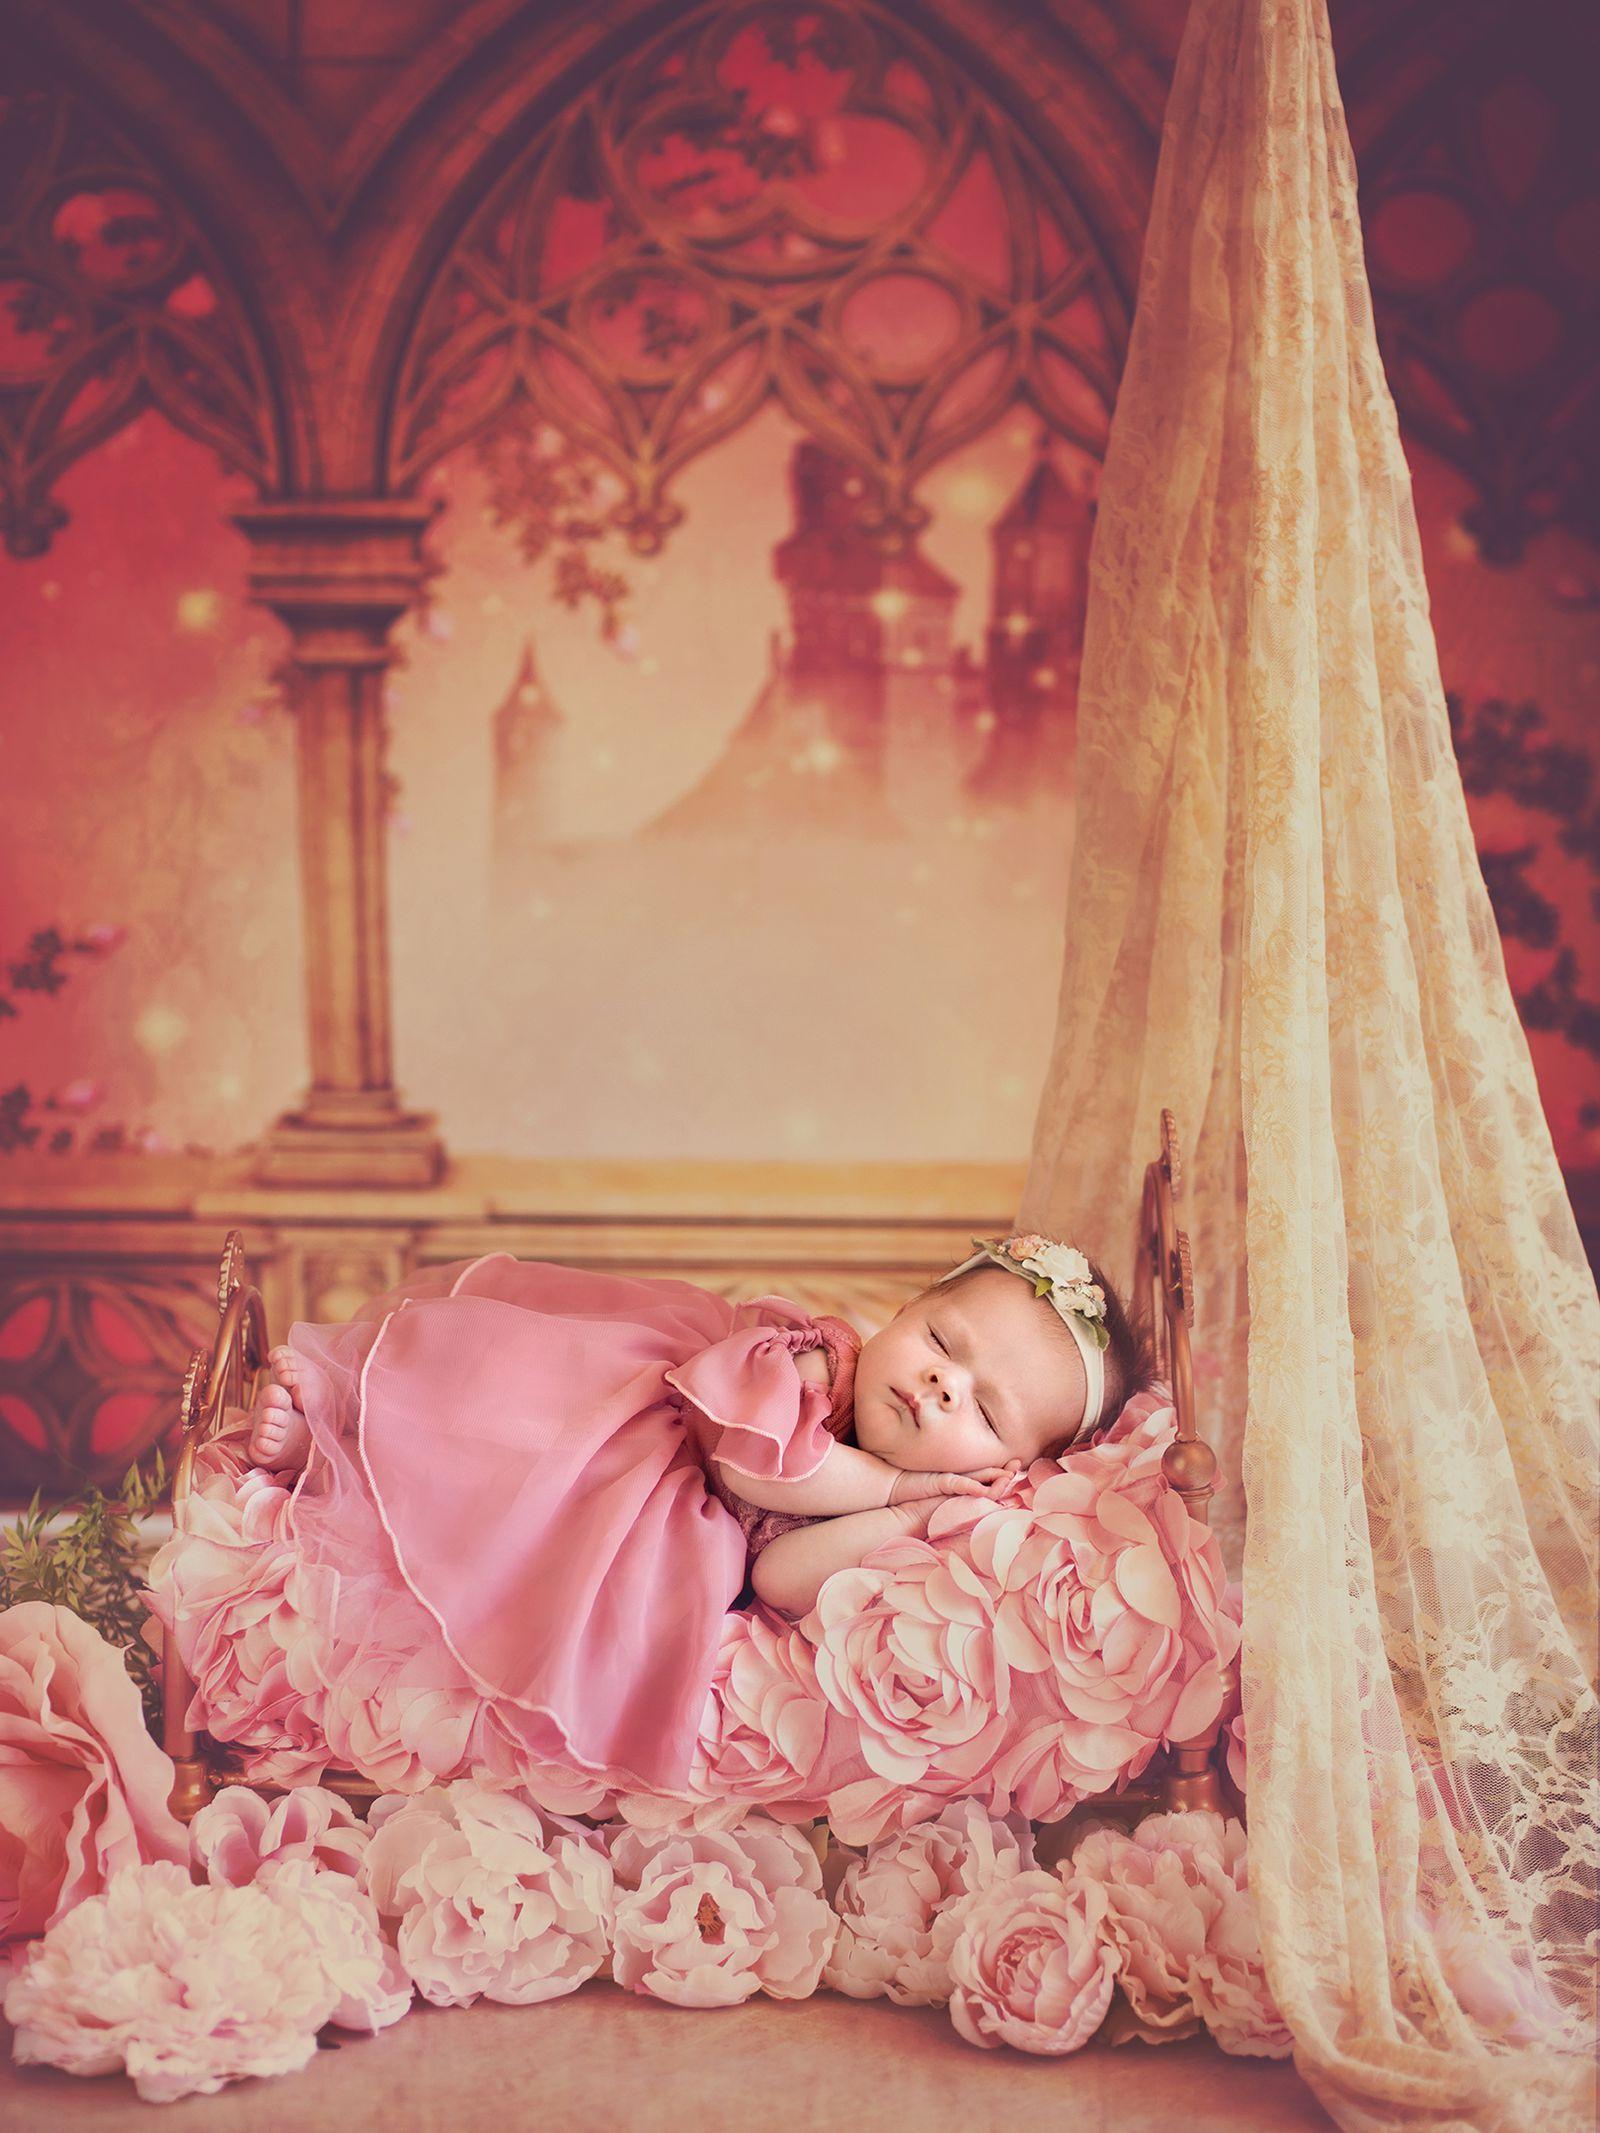 zelo sleeping beauty - 736×981